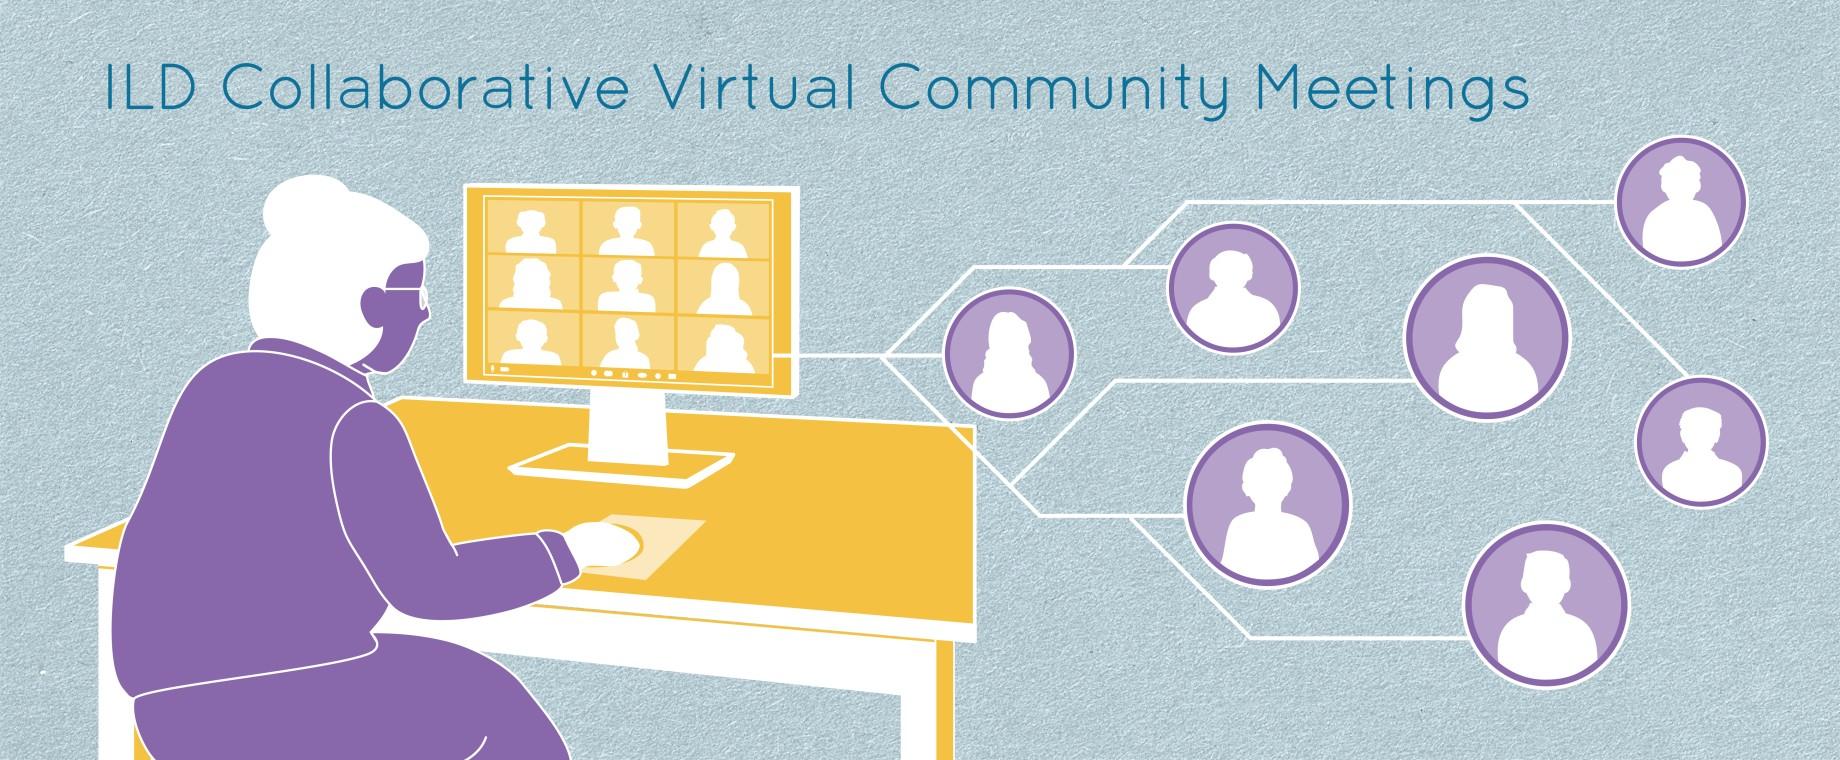 virtualcommunitymeetings_slide.jpg